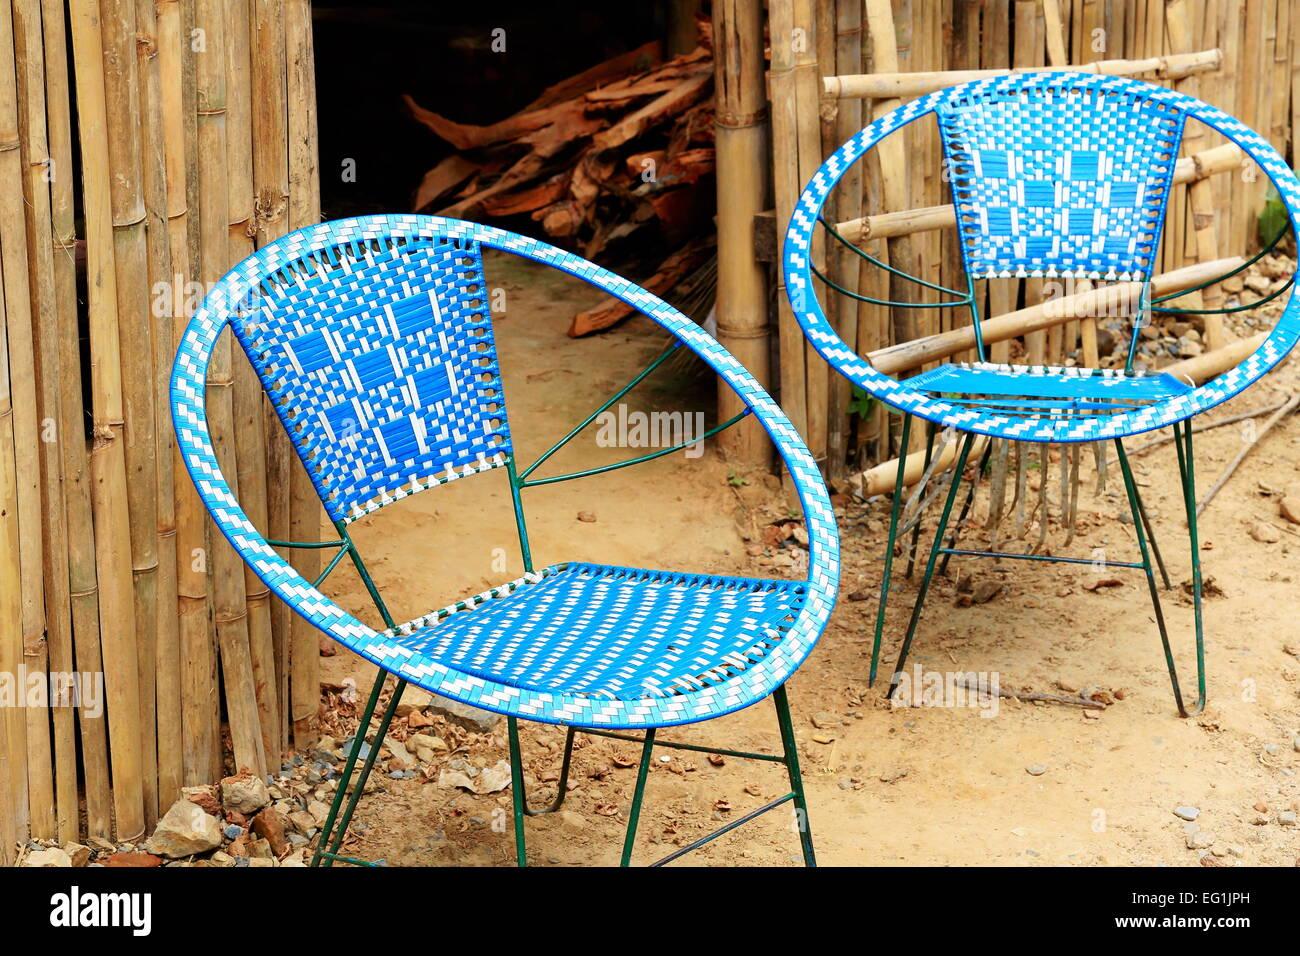 Sedie Intrecciate In Plastica.Bianco Blu Di Sedie In Plastica Intrecciata Su Telaio Metallico